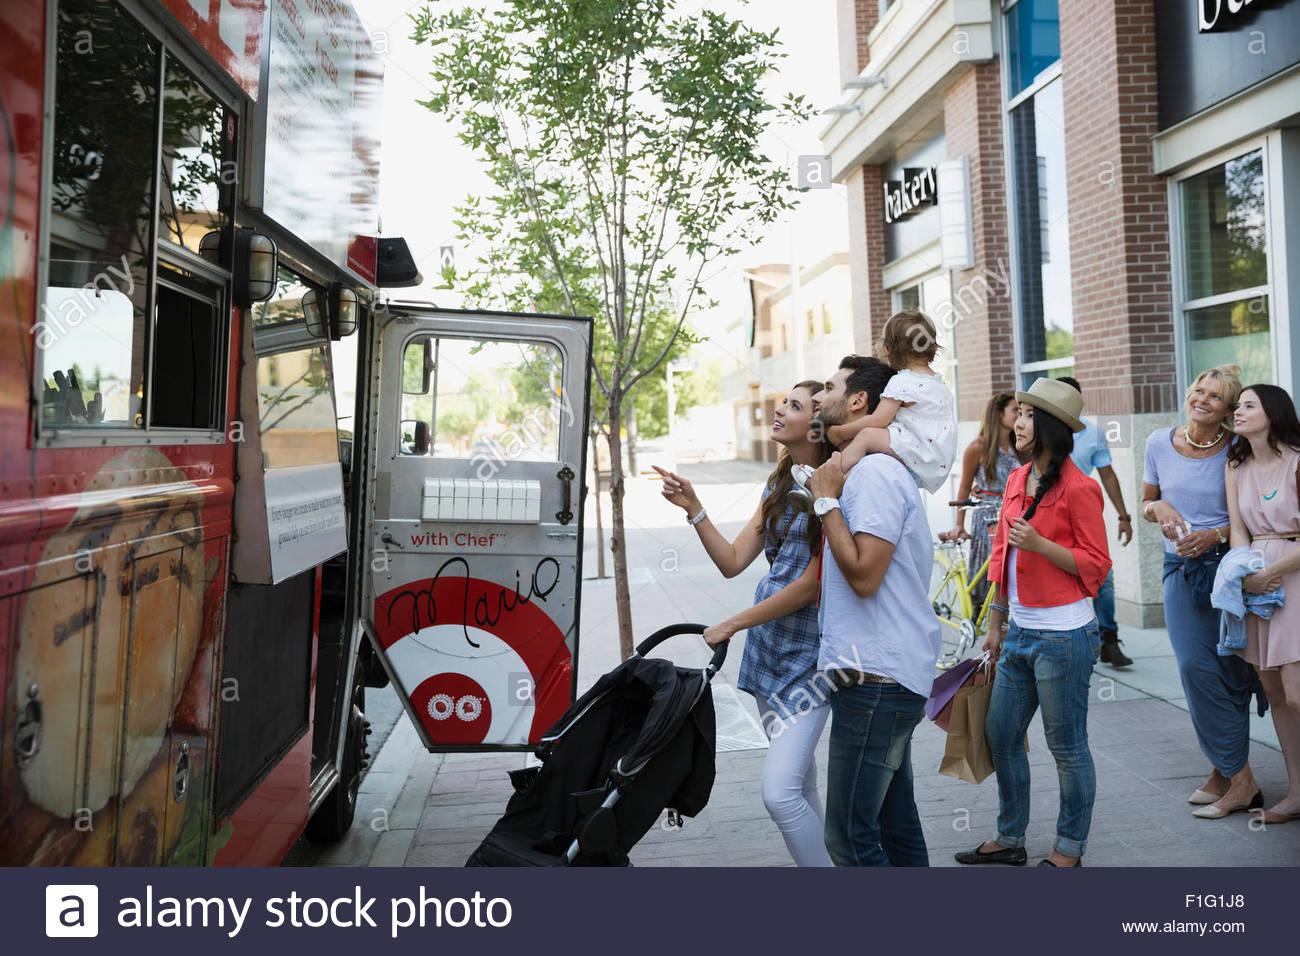 Les clients à l'extérieur de camion alimentaire on sidewalk Banque D'Images